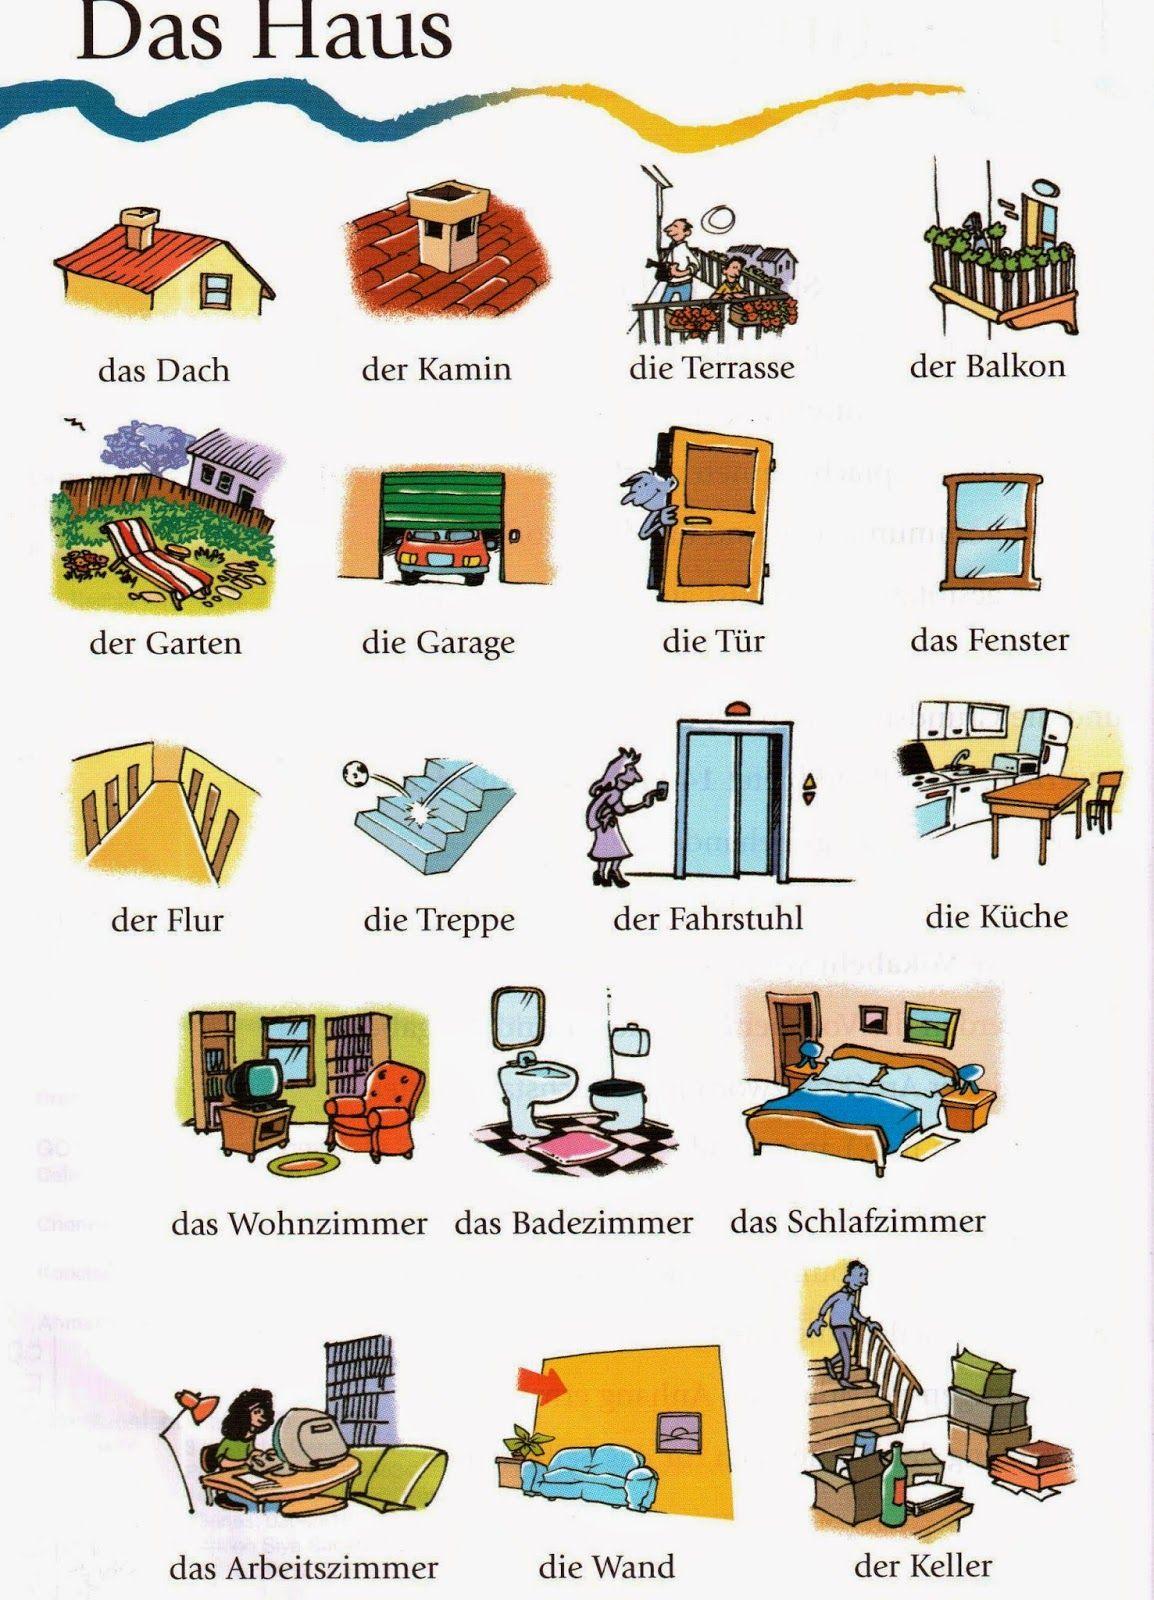 Deutsch Lernen Mit Bildern Das Haus Wortschatz Home Vocabulary German Language Learning Online In Ja German Language Learning Learn German German Language